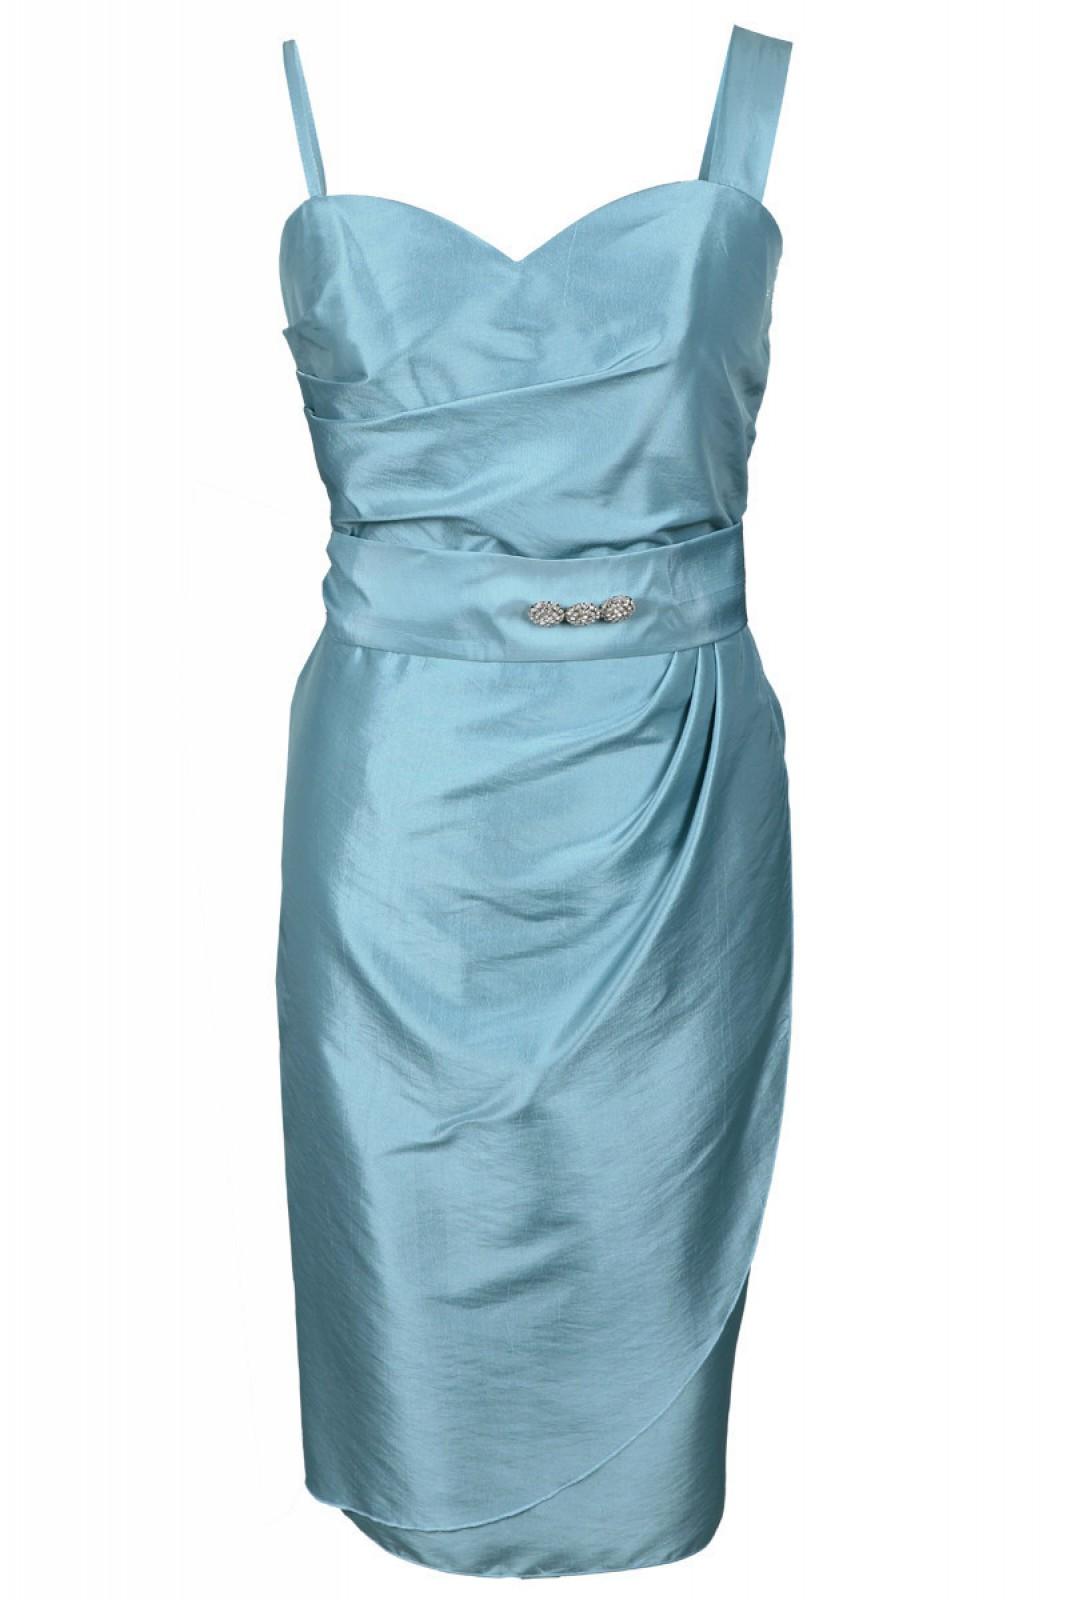 Kurze Partykleider aus Taft azurblau bei kleider-boutique.de - ...